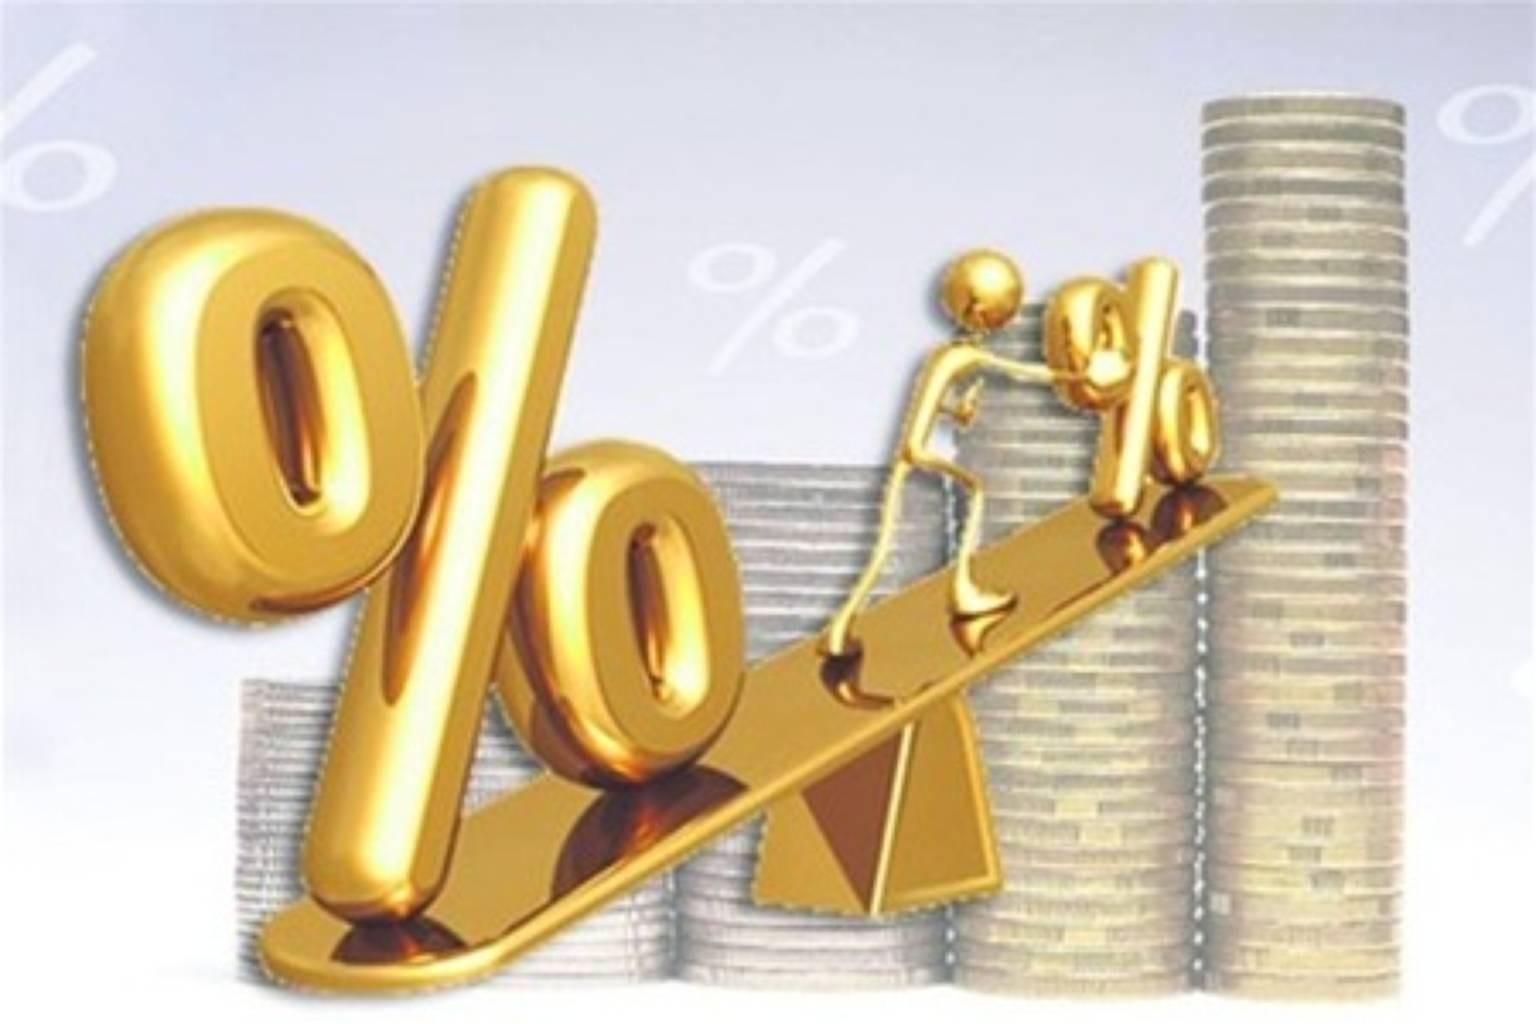 Инфляционные ожидания россиян кконцу осени снизились доисторического минимума— Банк Российской Федерации